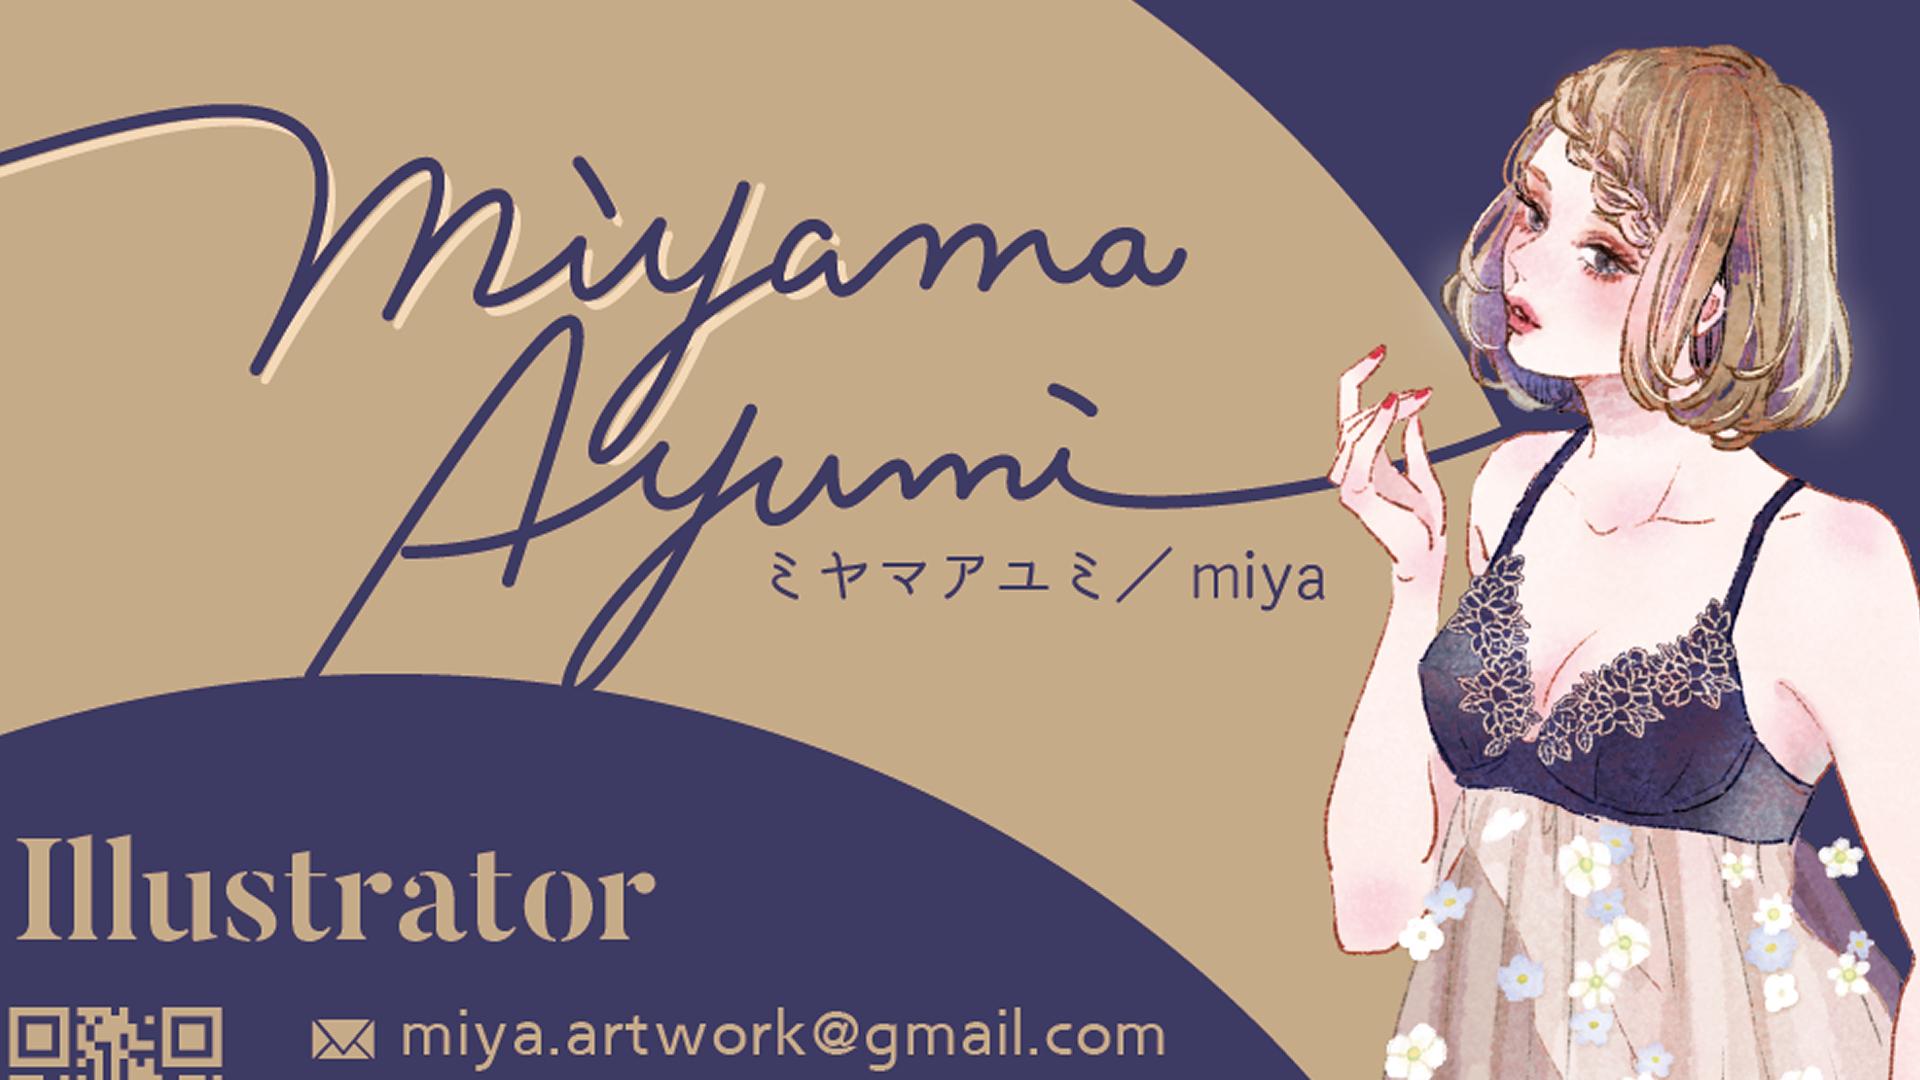 ミヤマアユミ様名刺デザイン